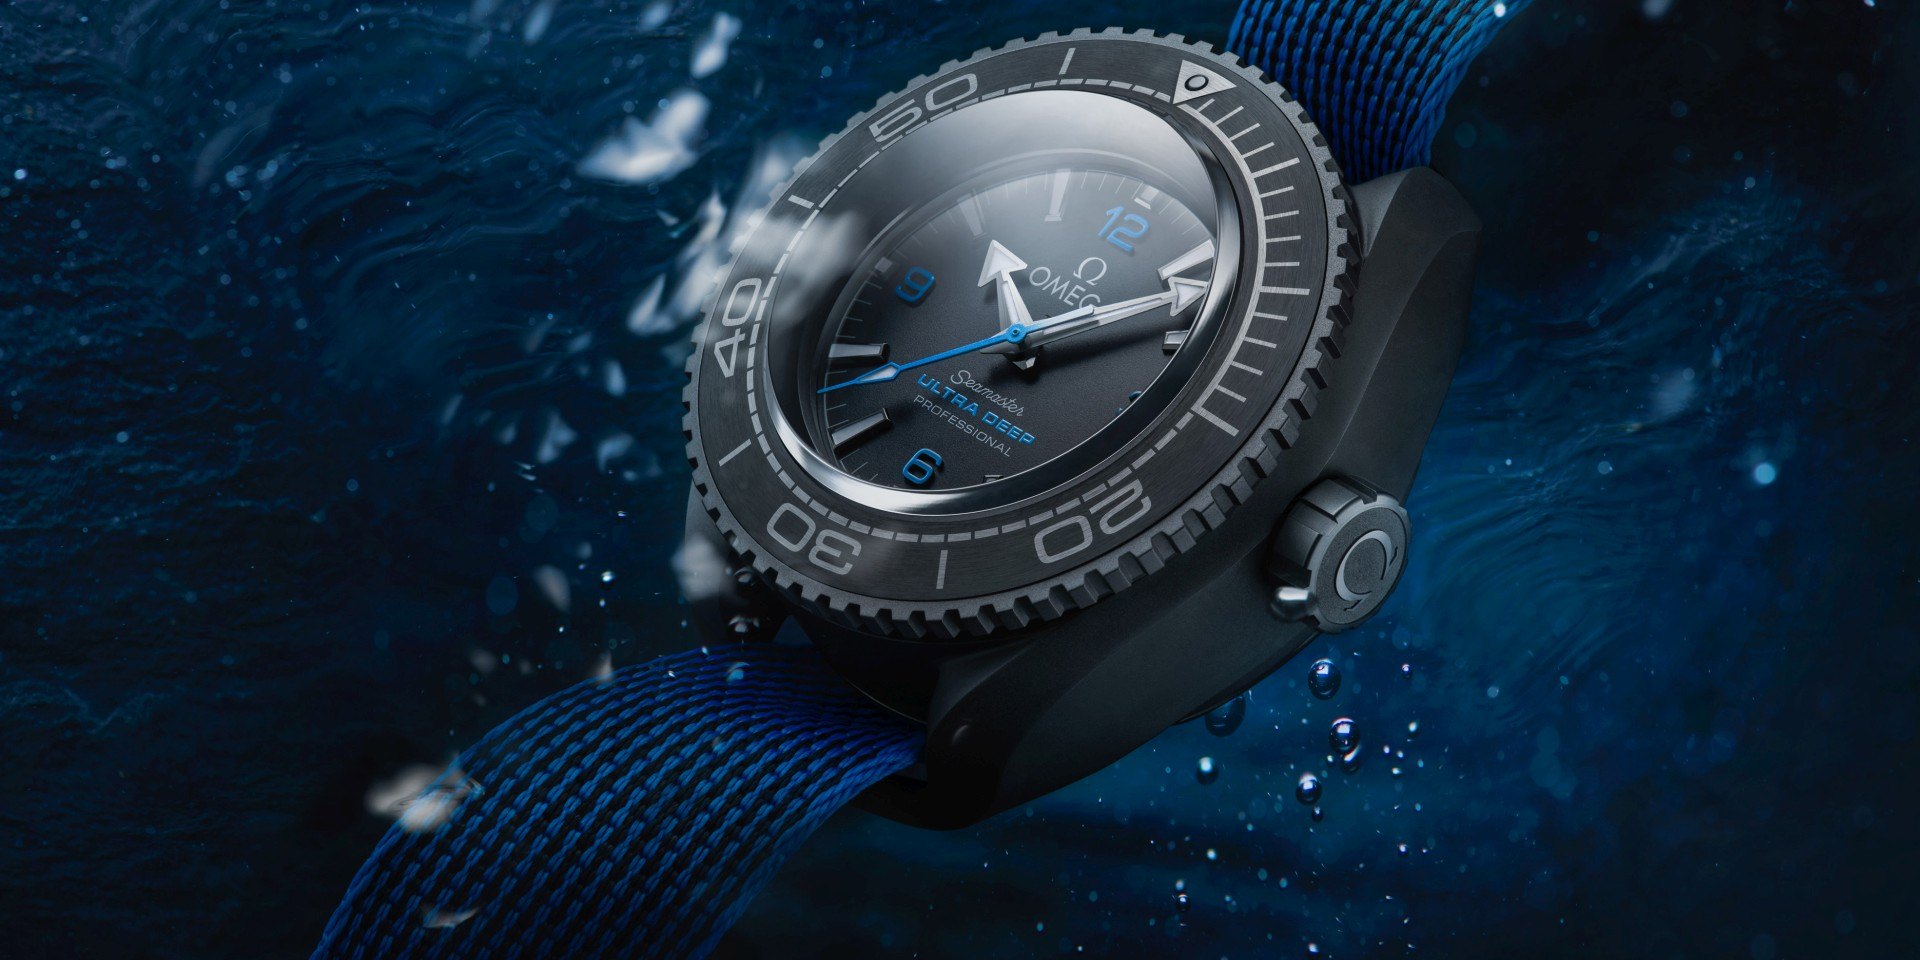 潛至世界最深處10,928米的腕錶:歐米茄海馬Planet Ocean Ultra Deep Professional腕錶